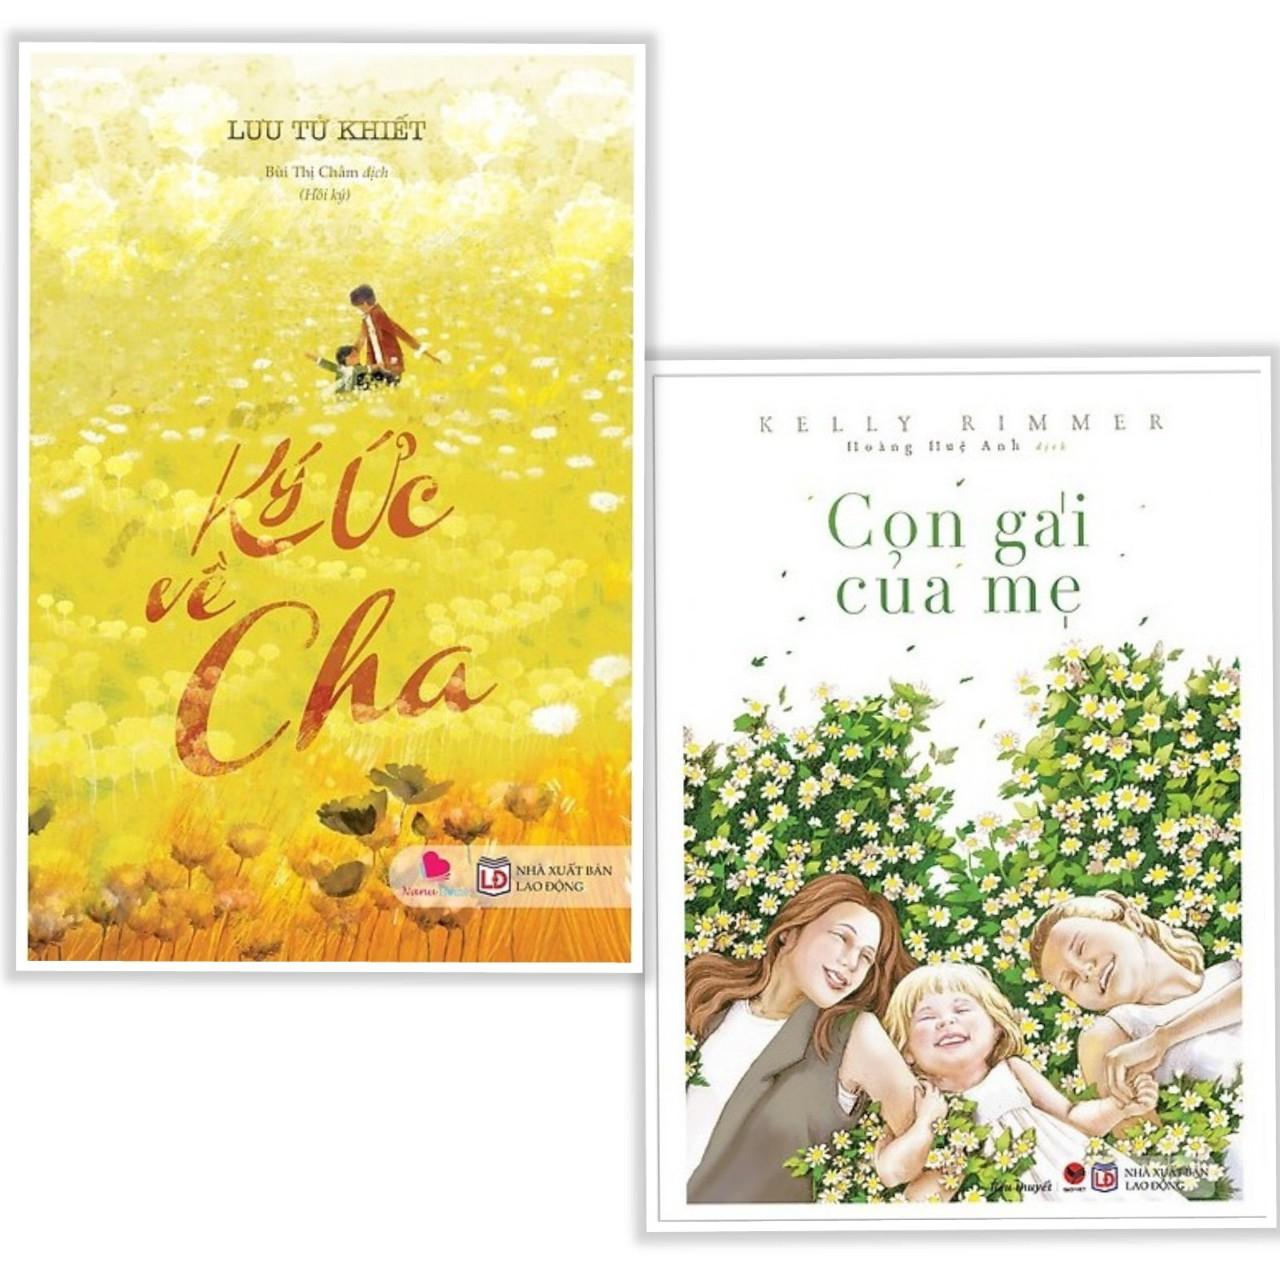 Combo Sách Về Tình Cảm Gia Đình: Ký Ức Về Cha + Con Gái Của Mẹ (Bộ 2 cuốn/ Tặng kèm Bookmark Happy Life) - 18580514 , 7311836148358 , 62_21307797 , 180000 , Combo-Sach-Ve-Tinh-Cam-Gia-Dinh-Ky-Uc-Ve-Cha-Con-Gai-Cua-Me-Bo-2-cuon-Tang-kem-Bookmark-Happy-Life-62_21307797 , tiki.vn , Combo Sách Về Tình Cảm Gia Đình: Ký Ức Về Cha + Con Gái Của Mẹ (Bộ 2 cuốn/ Tặ